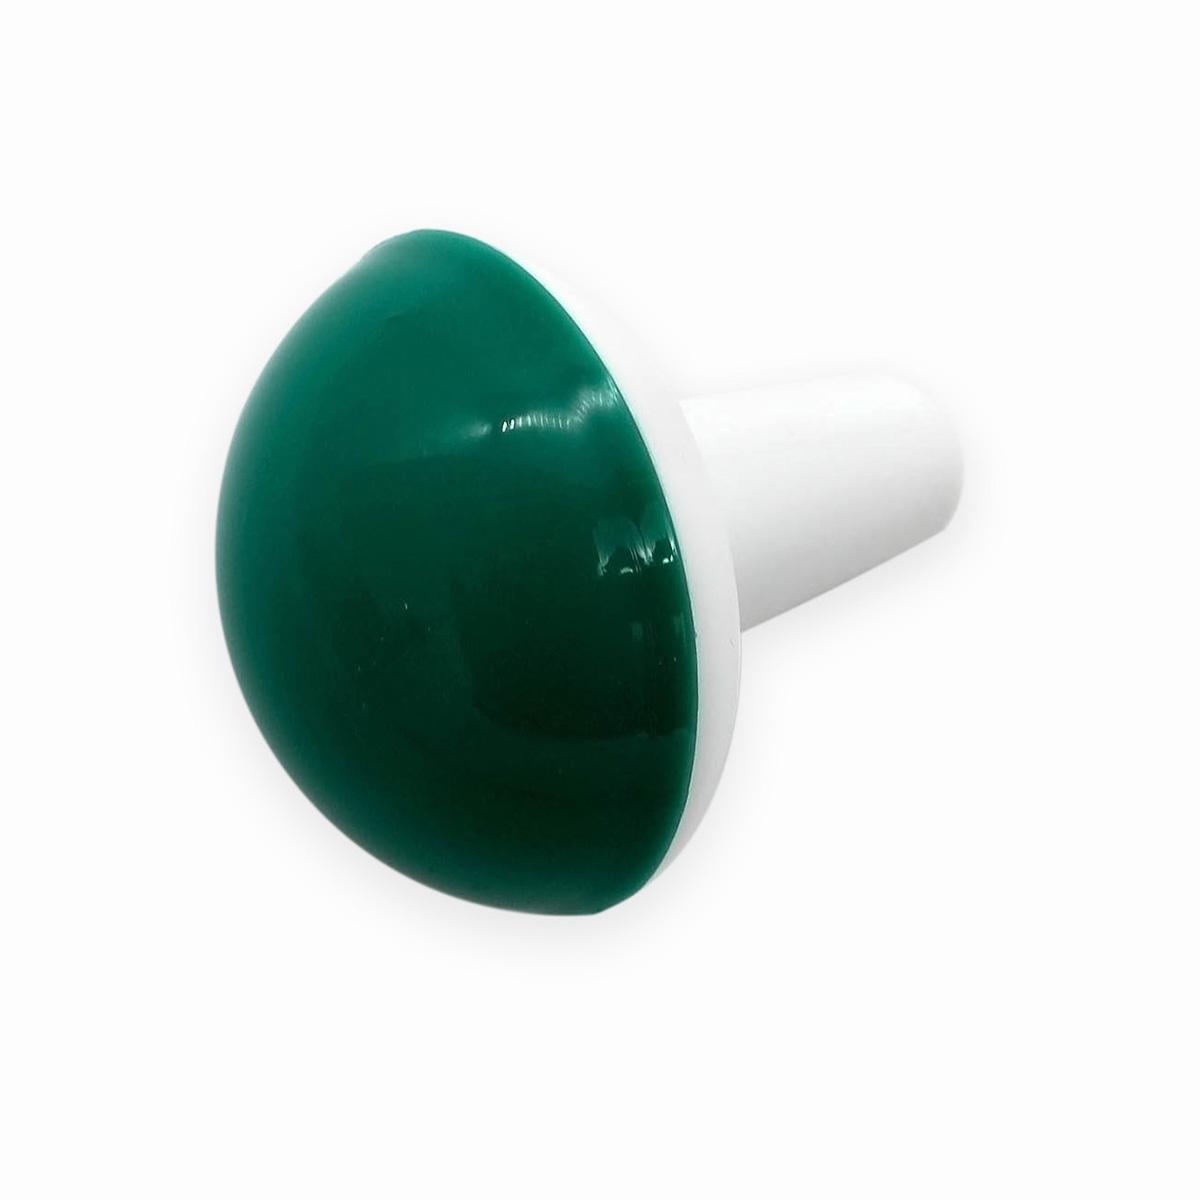 Грибок для штопки пластик